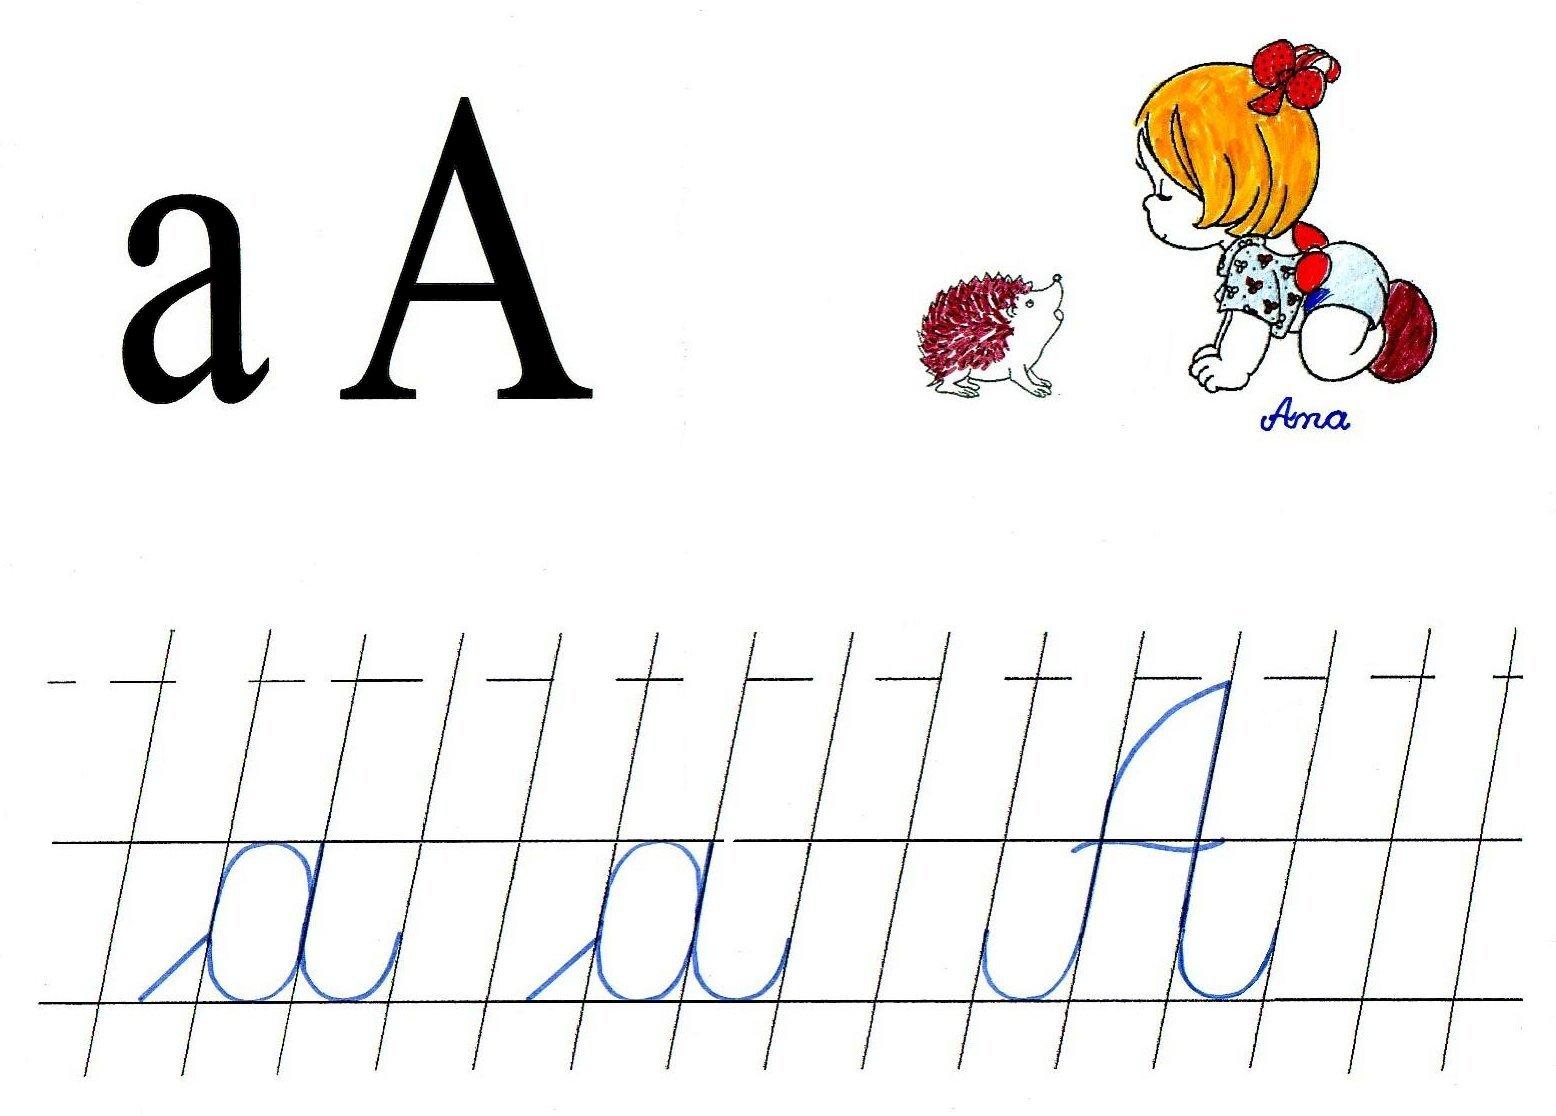 Abecedar Alfabetul Romanesc Online Anideșcoalăro